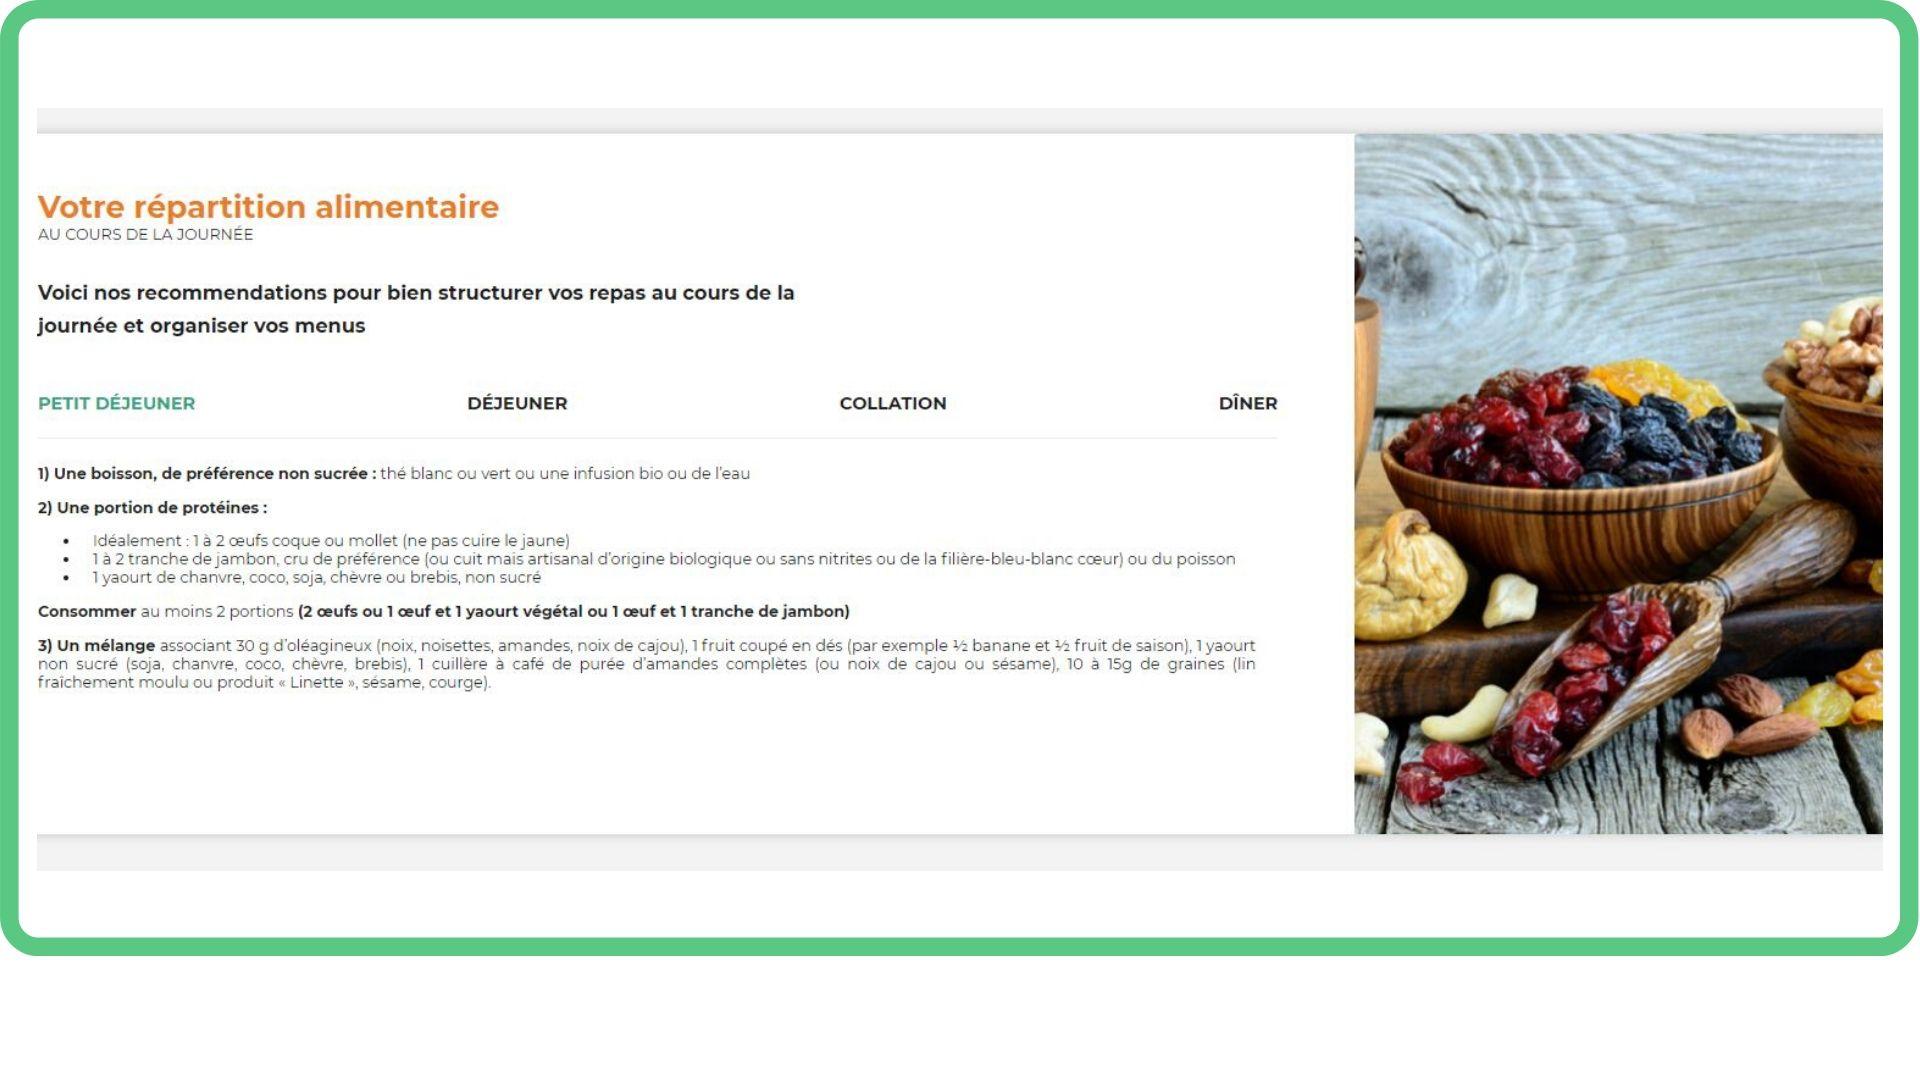 proposition de menus personnalisés - Evonutri